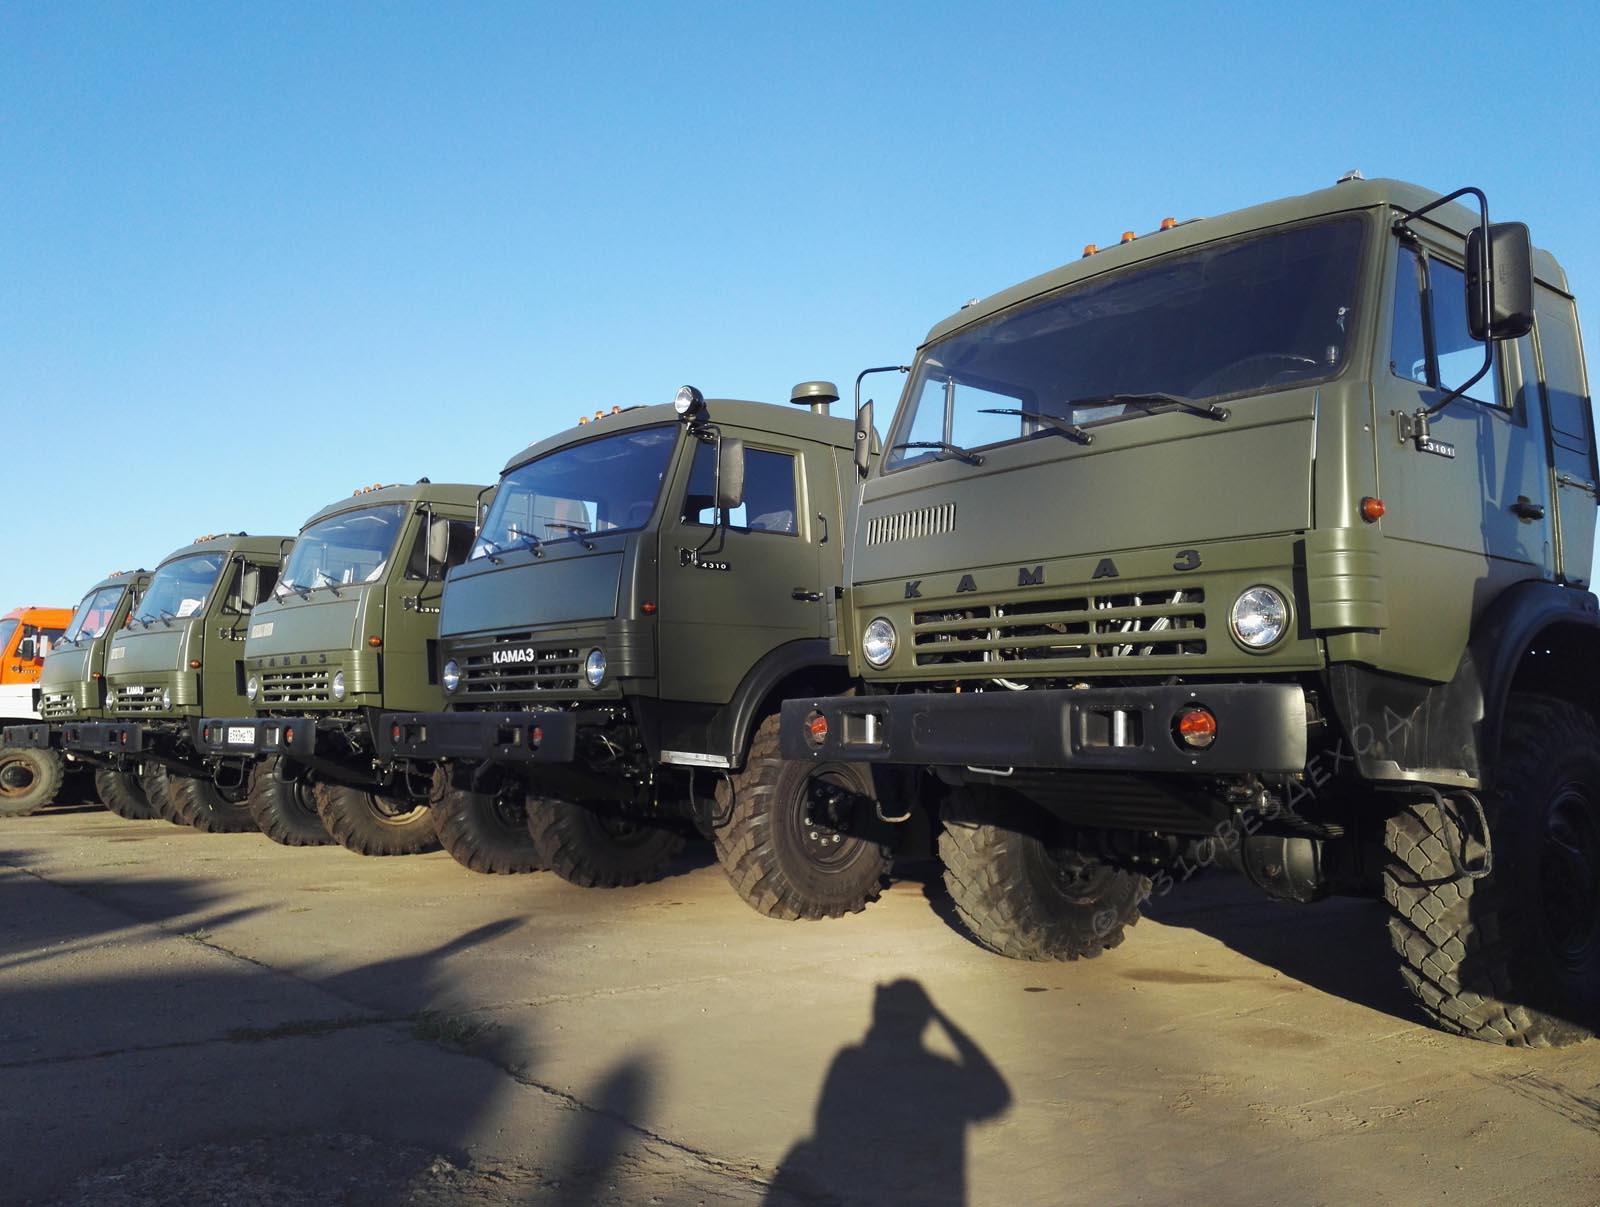 военные  вездеходы 6х6, камаз 4310, с  хранения